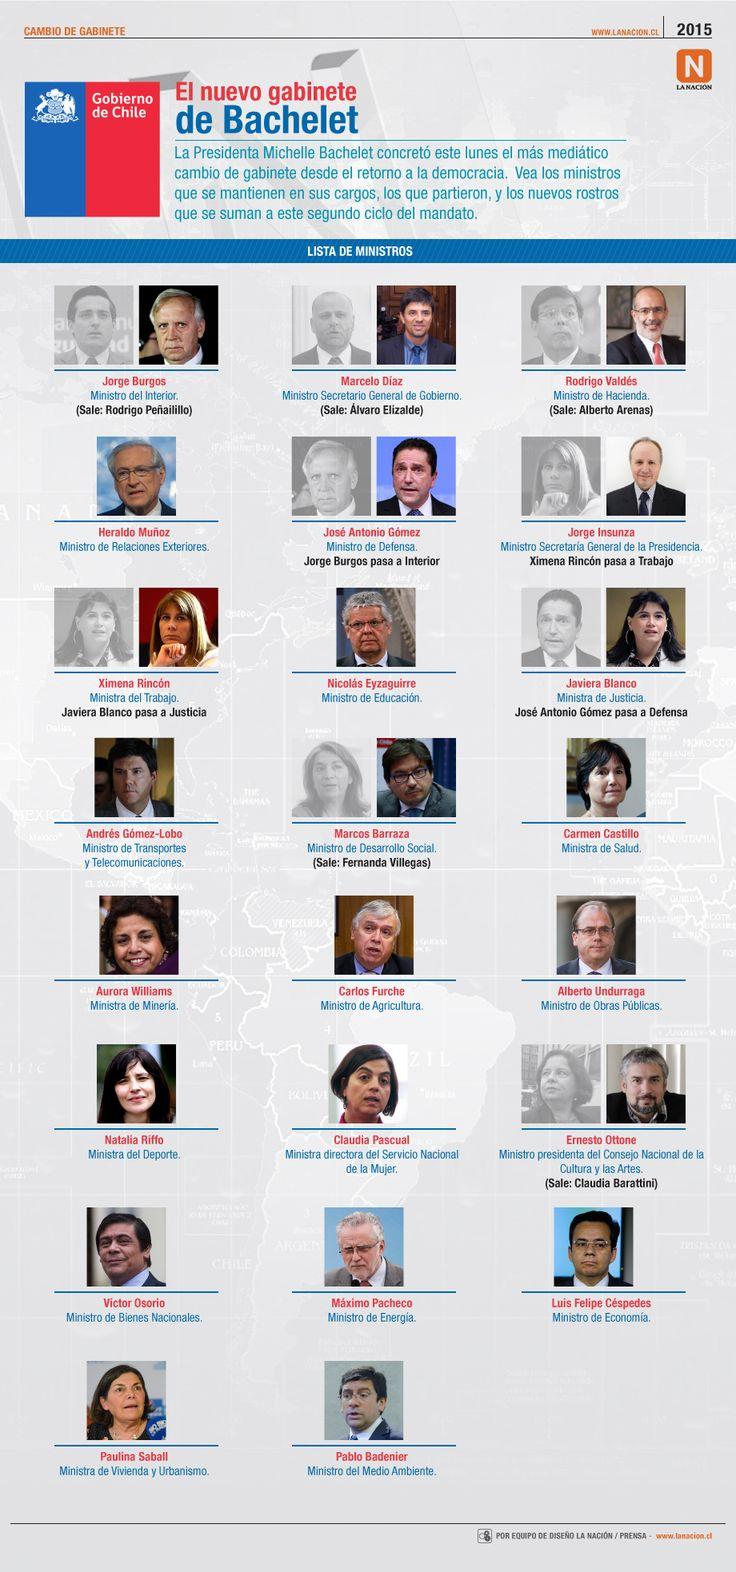 Diario La Nación - noticias de Chile y el mundo - Infografía: Quién se va y quién se queda en el gabinete de Bachelet